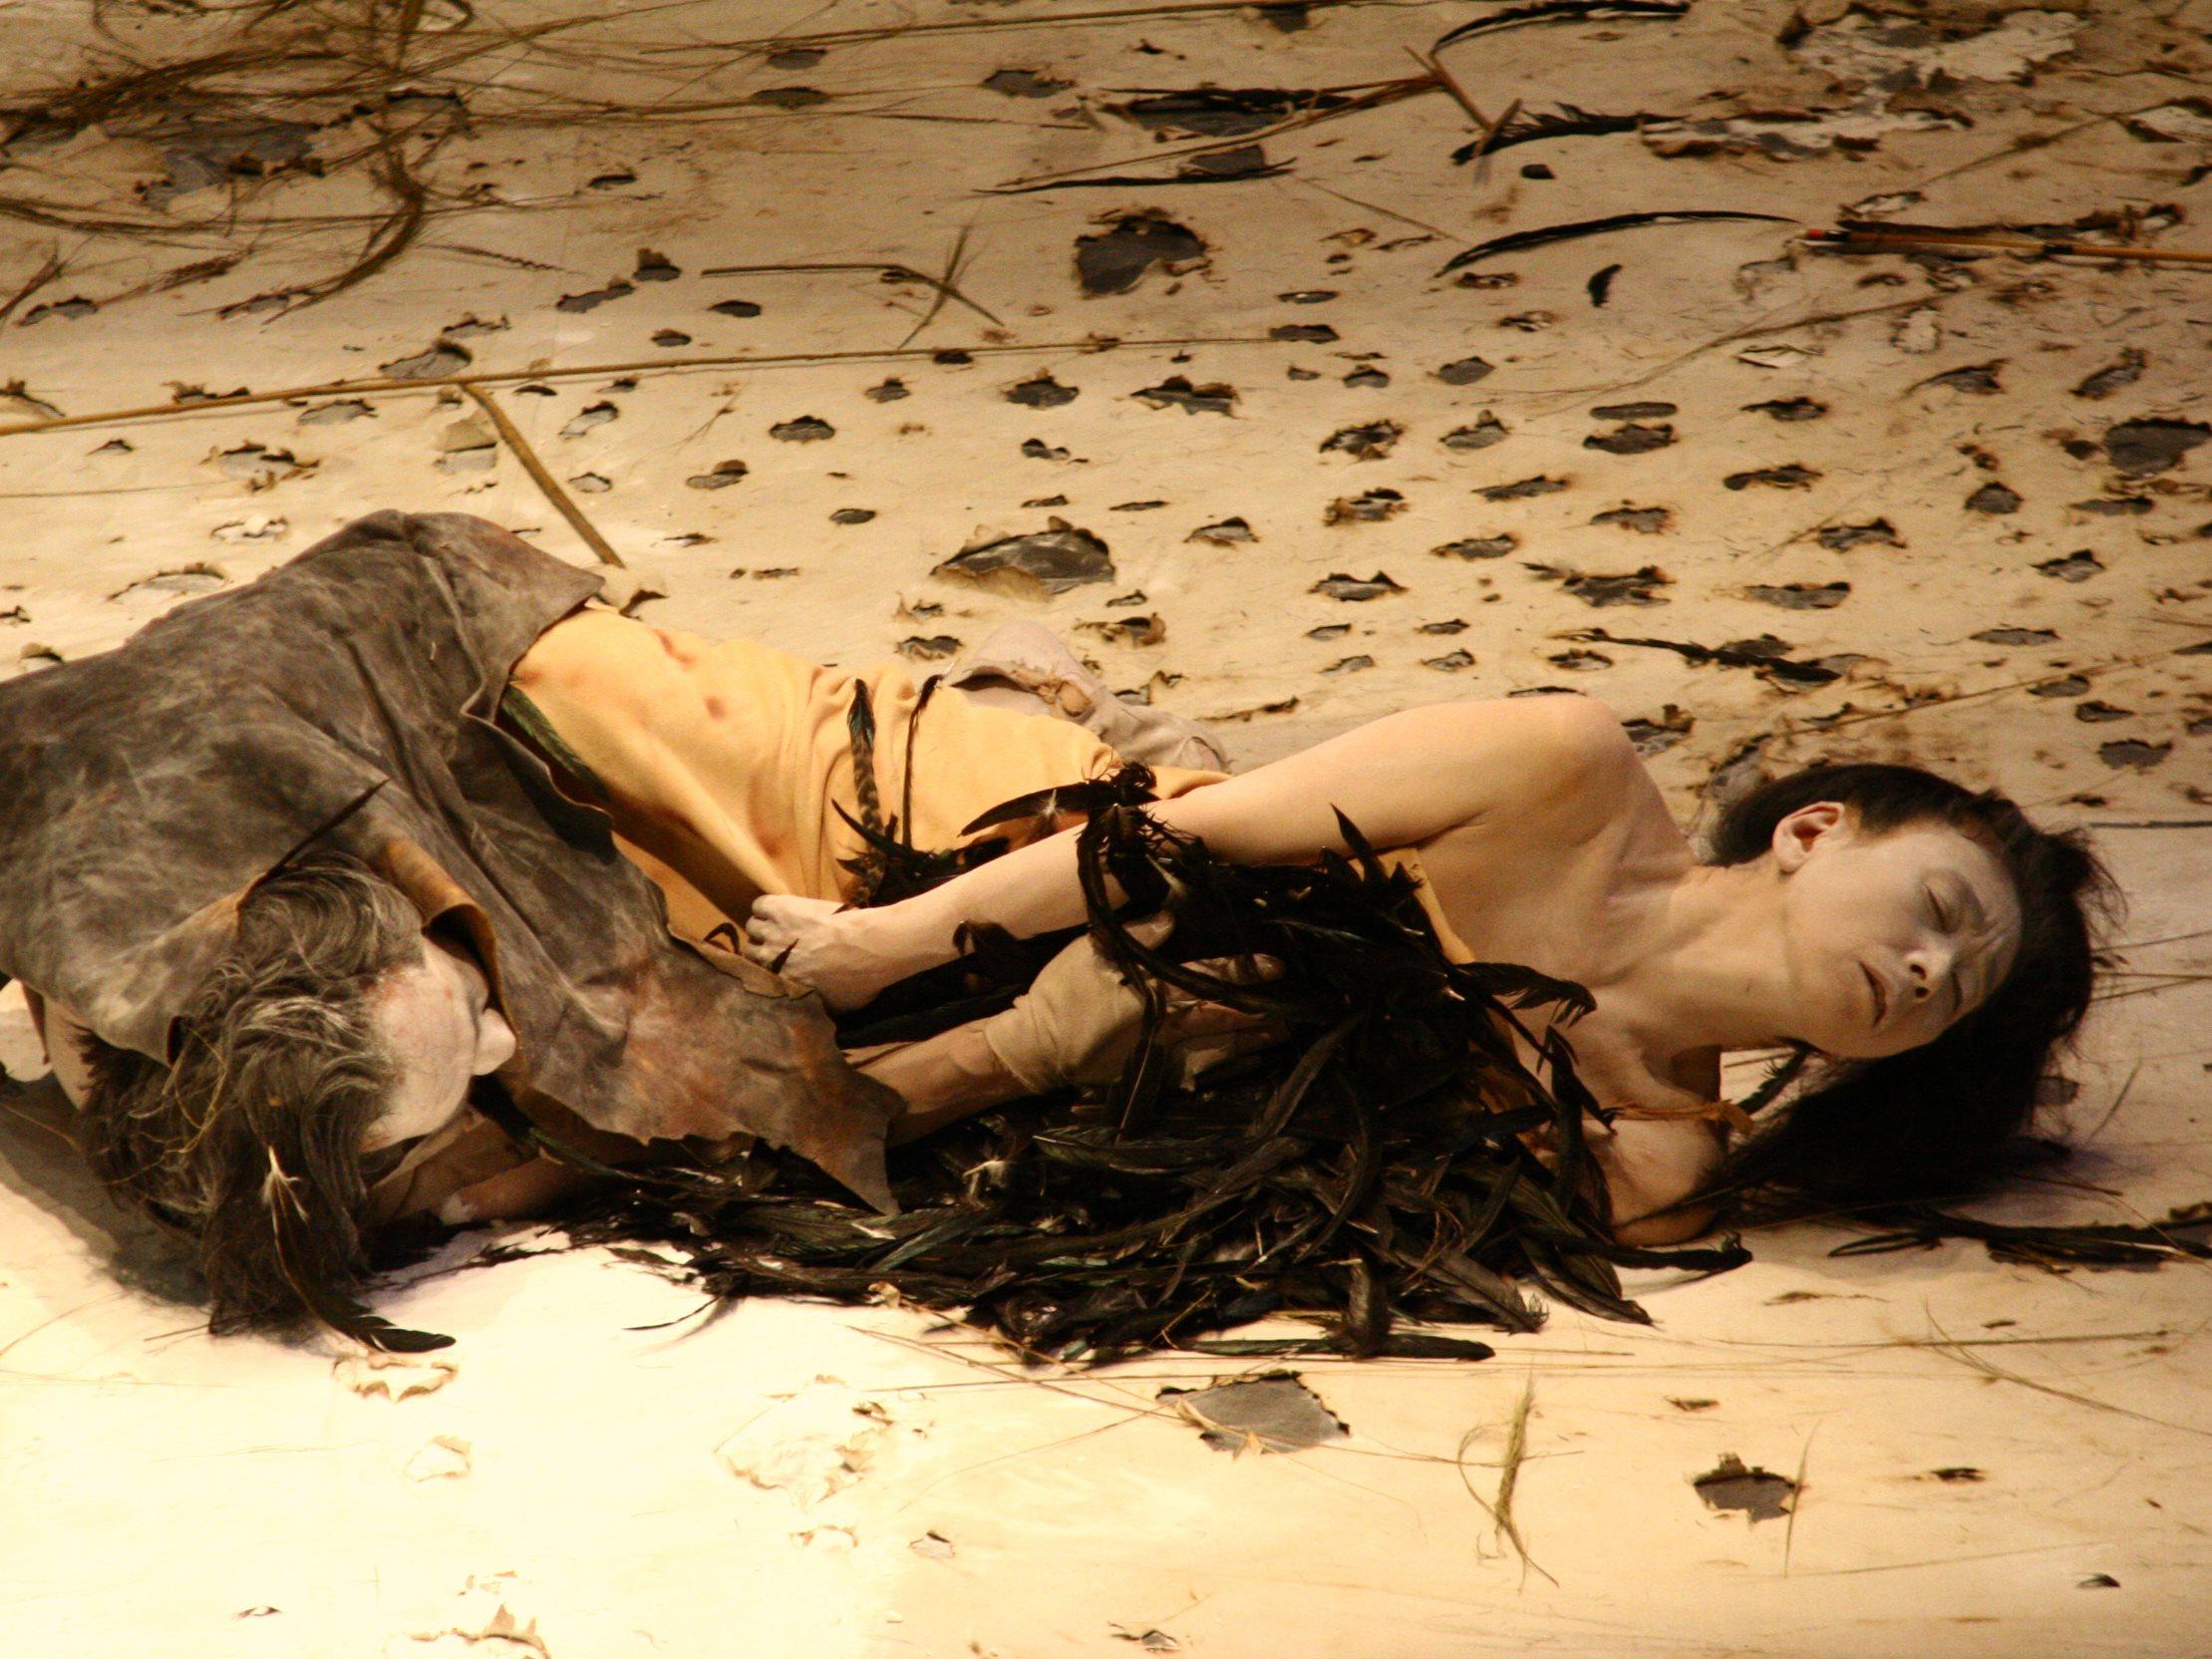 2013關渡藝術節CORSSOVER跨越標竿,聚焦亞洲